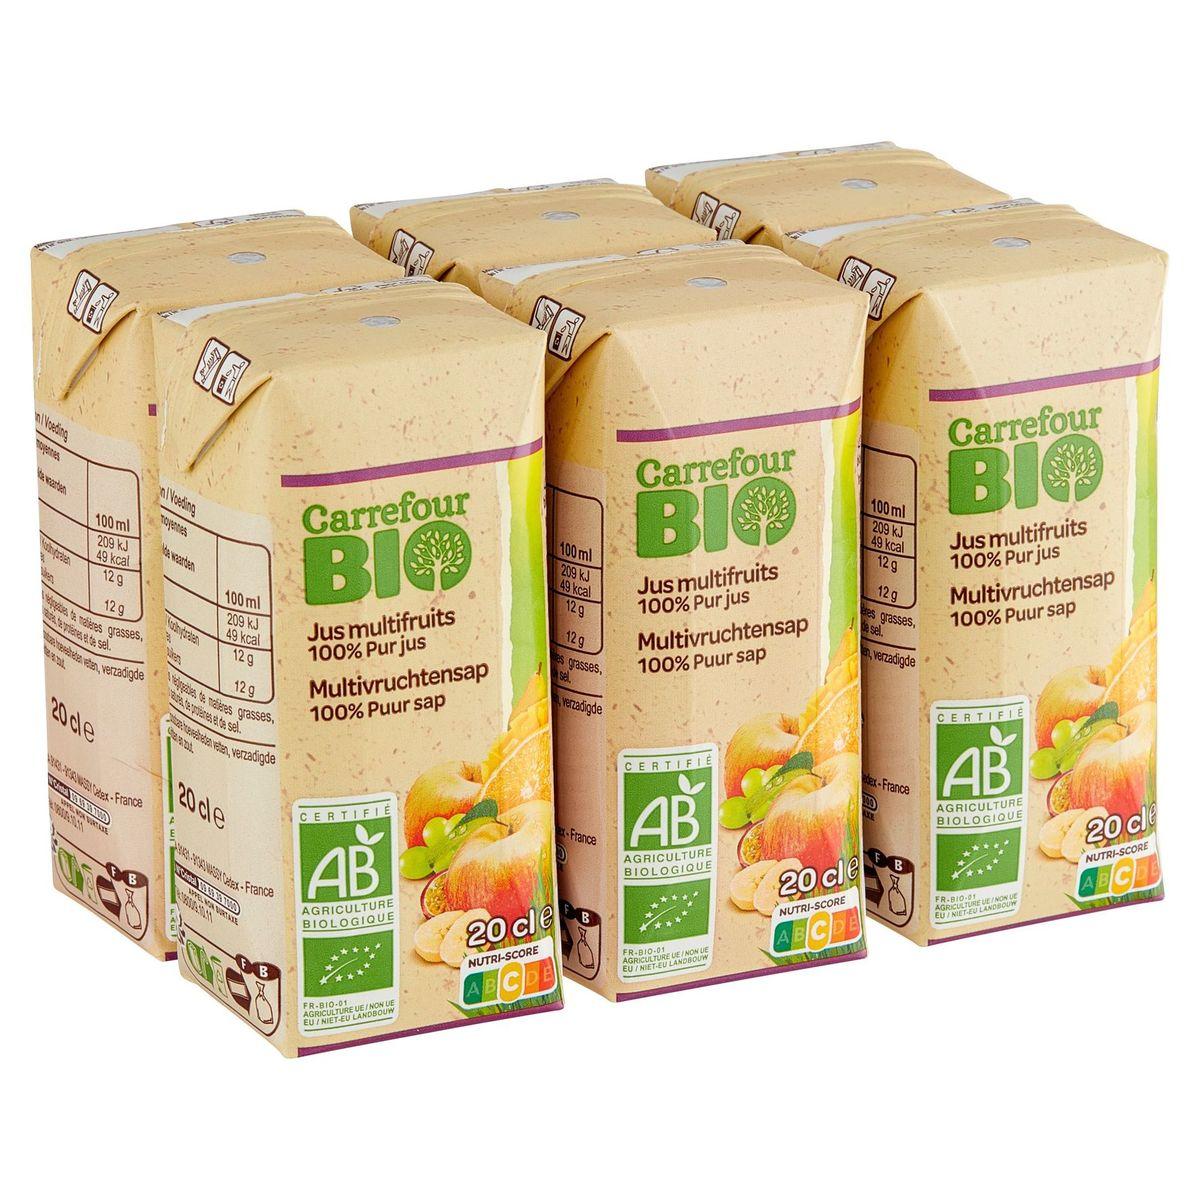 Carrefour Bio 100% Purs Fruits Pressés Jus Multifruits Bio 6 x 20 cl